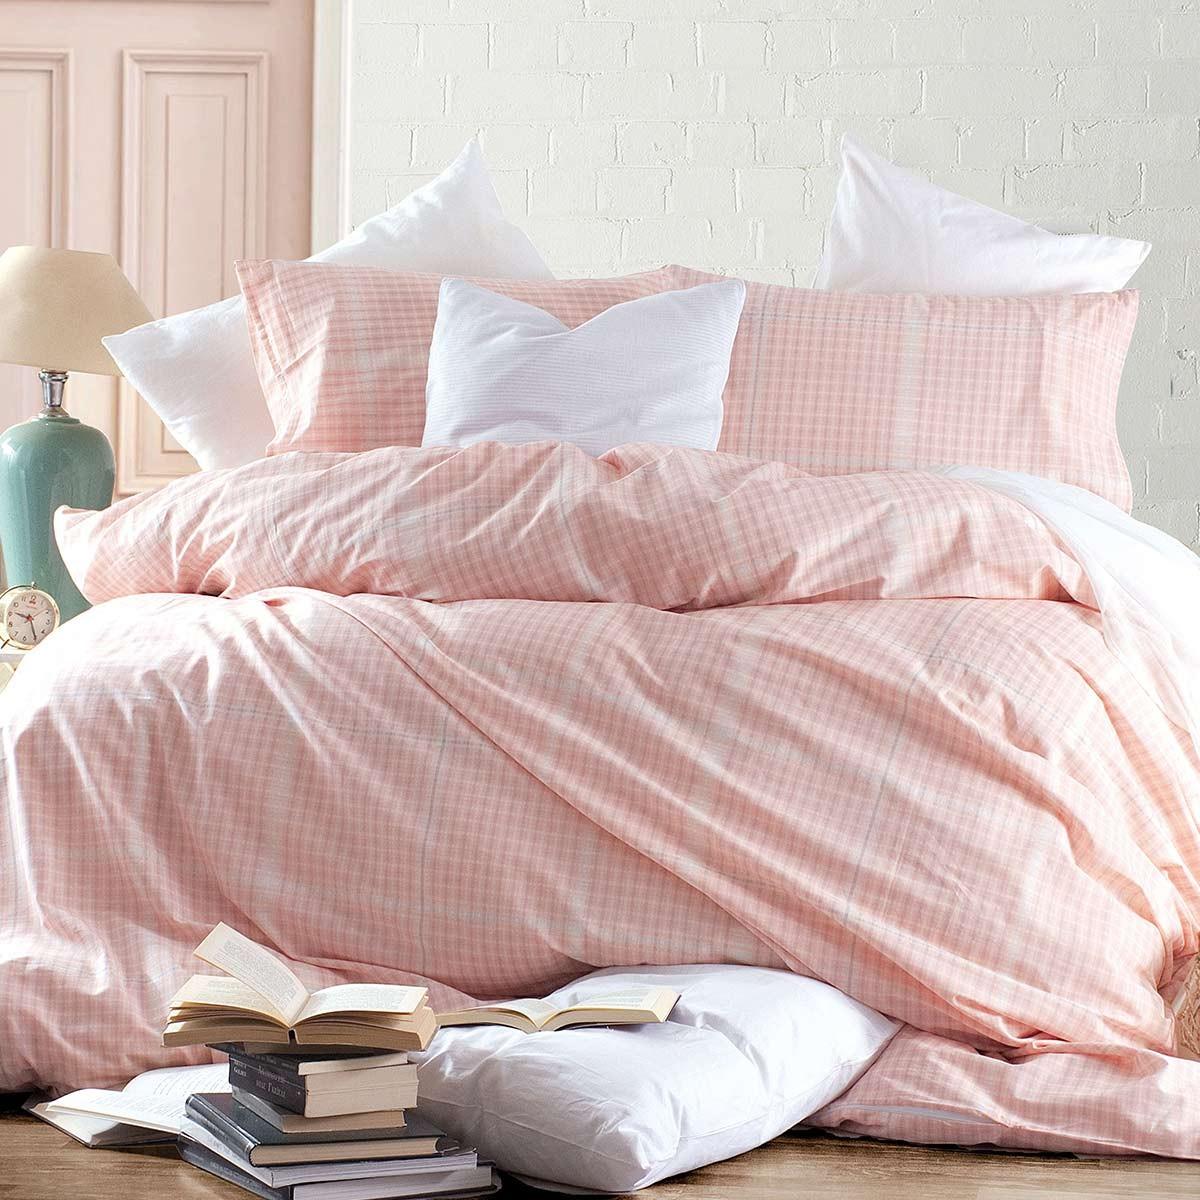 Παπλωματοθήκη Μονή (Σετ) Rythmos Nova Flanagan Pink home   κρεβατοκάμαρα   παπλωματοθήκες   παπλωματοθήκες μονές